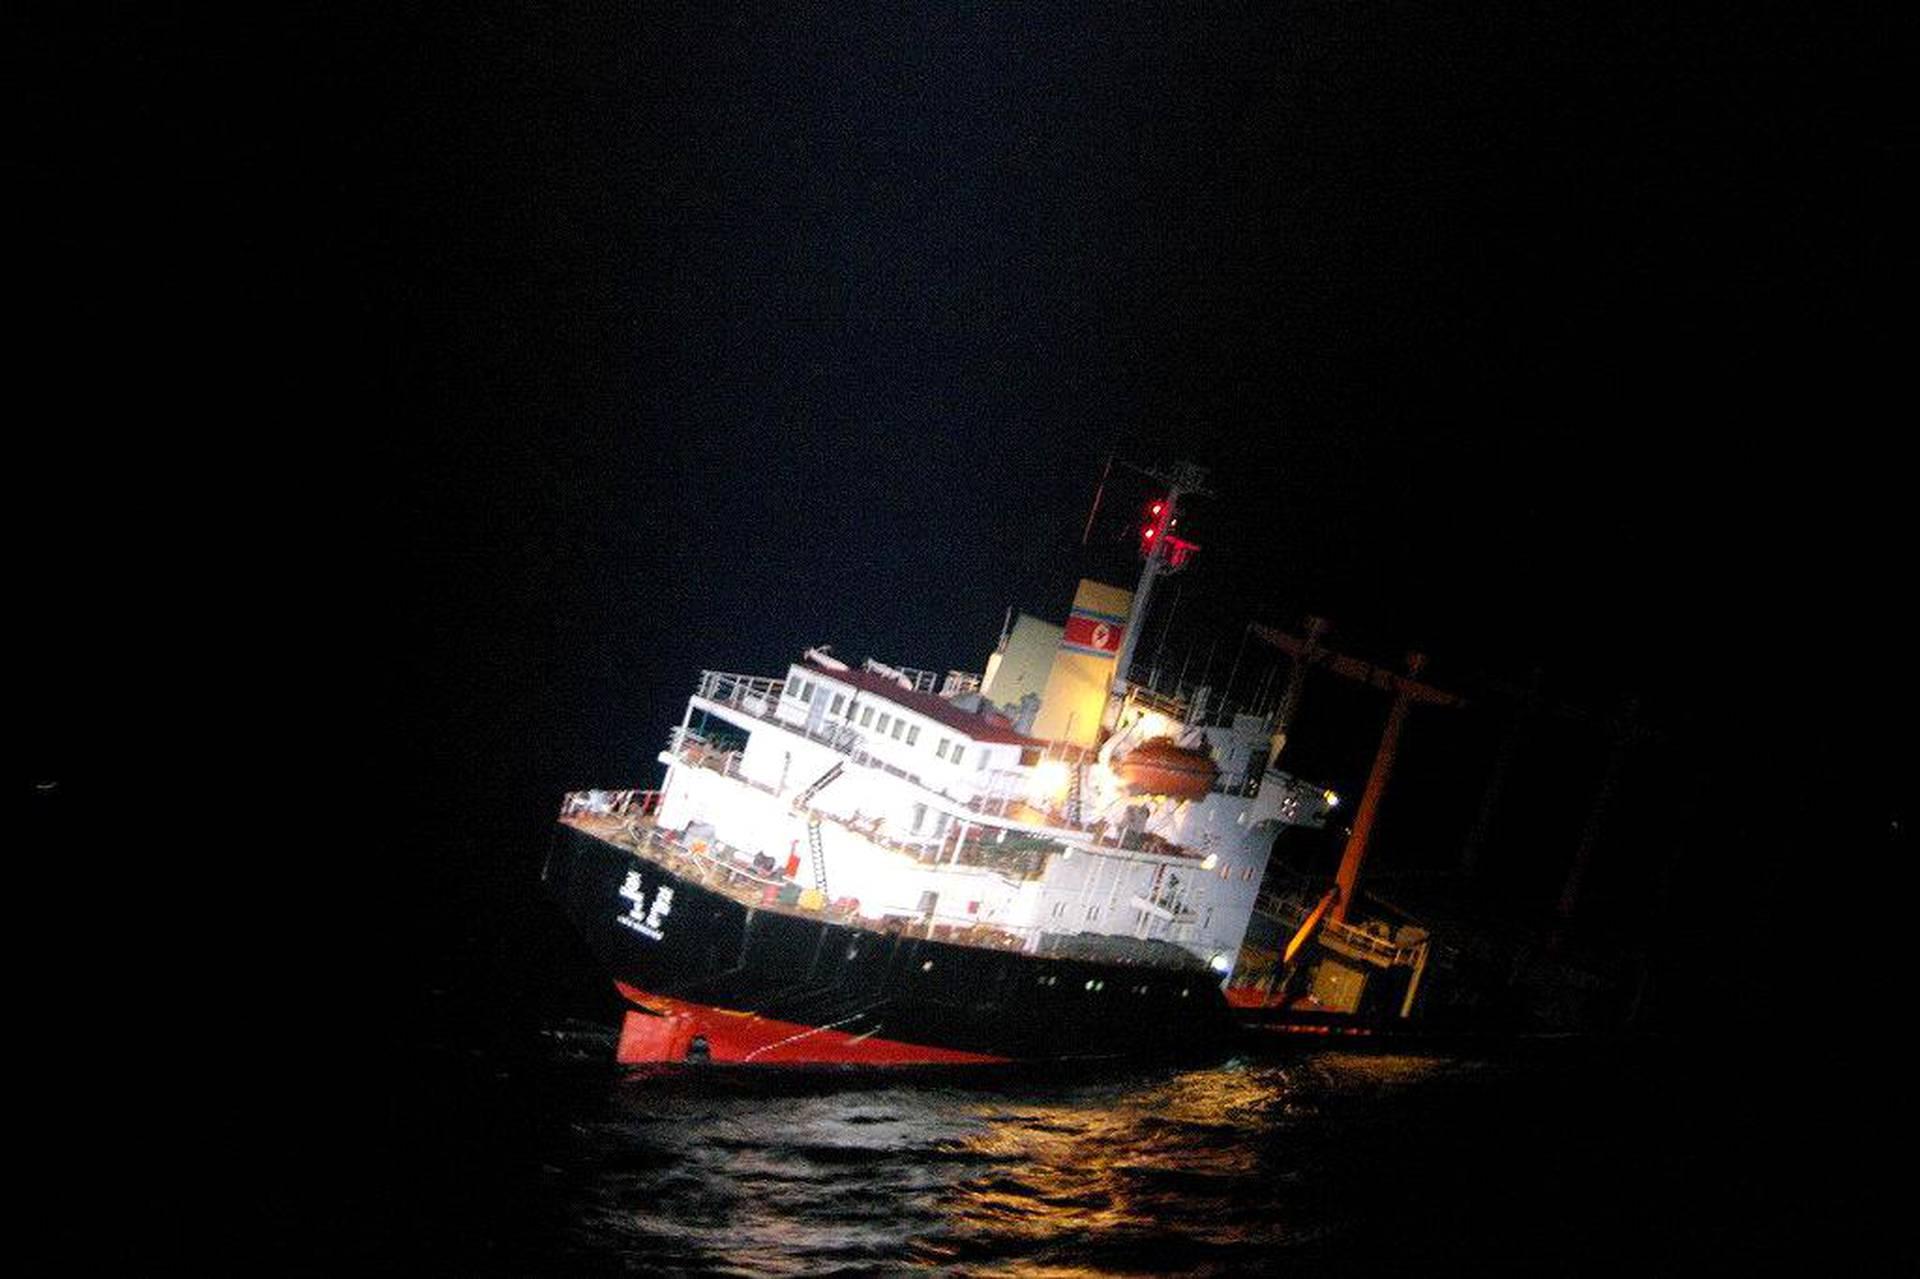 Pohjoiskorealainen rahtialus upposi torstaina lähellä Japanin Kyūshū-pääsaarta. Koko 26 hengen miehistö saatiin pelastettua.